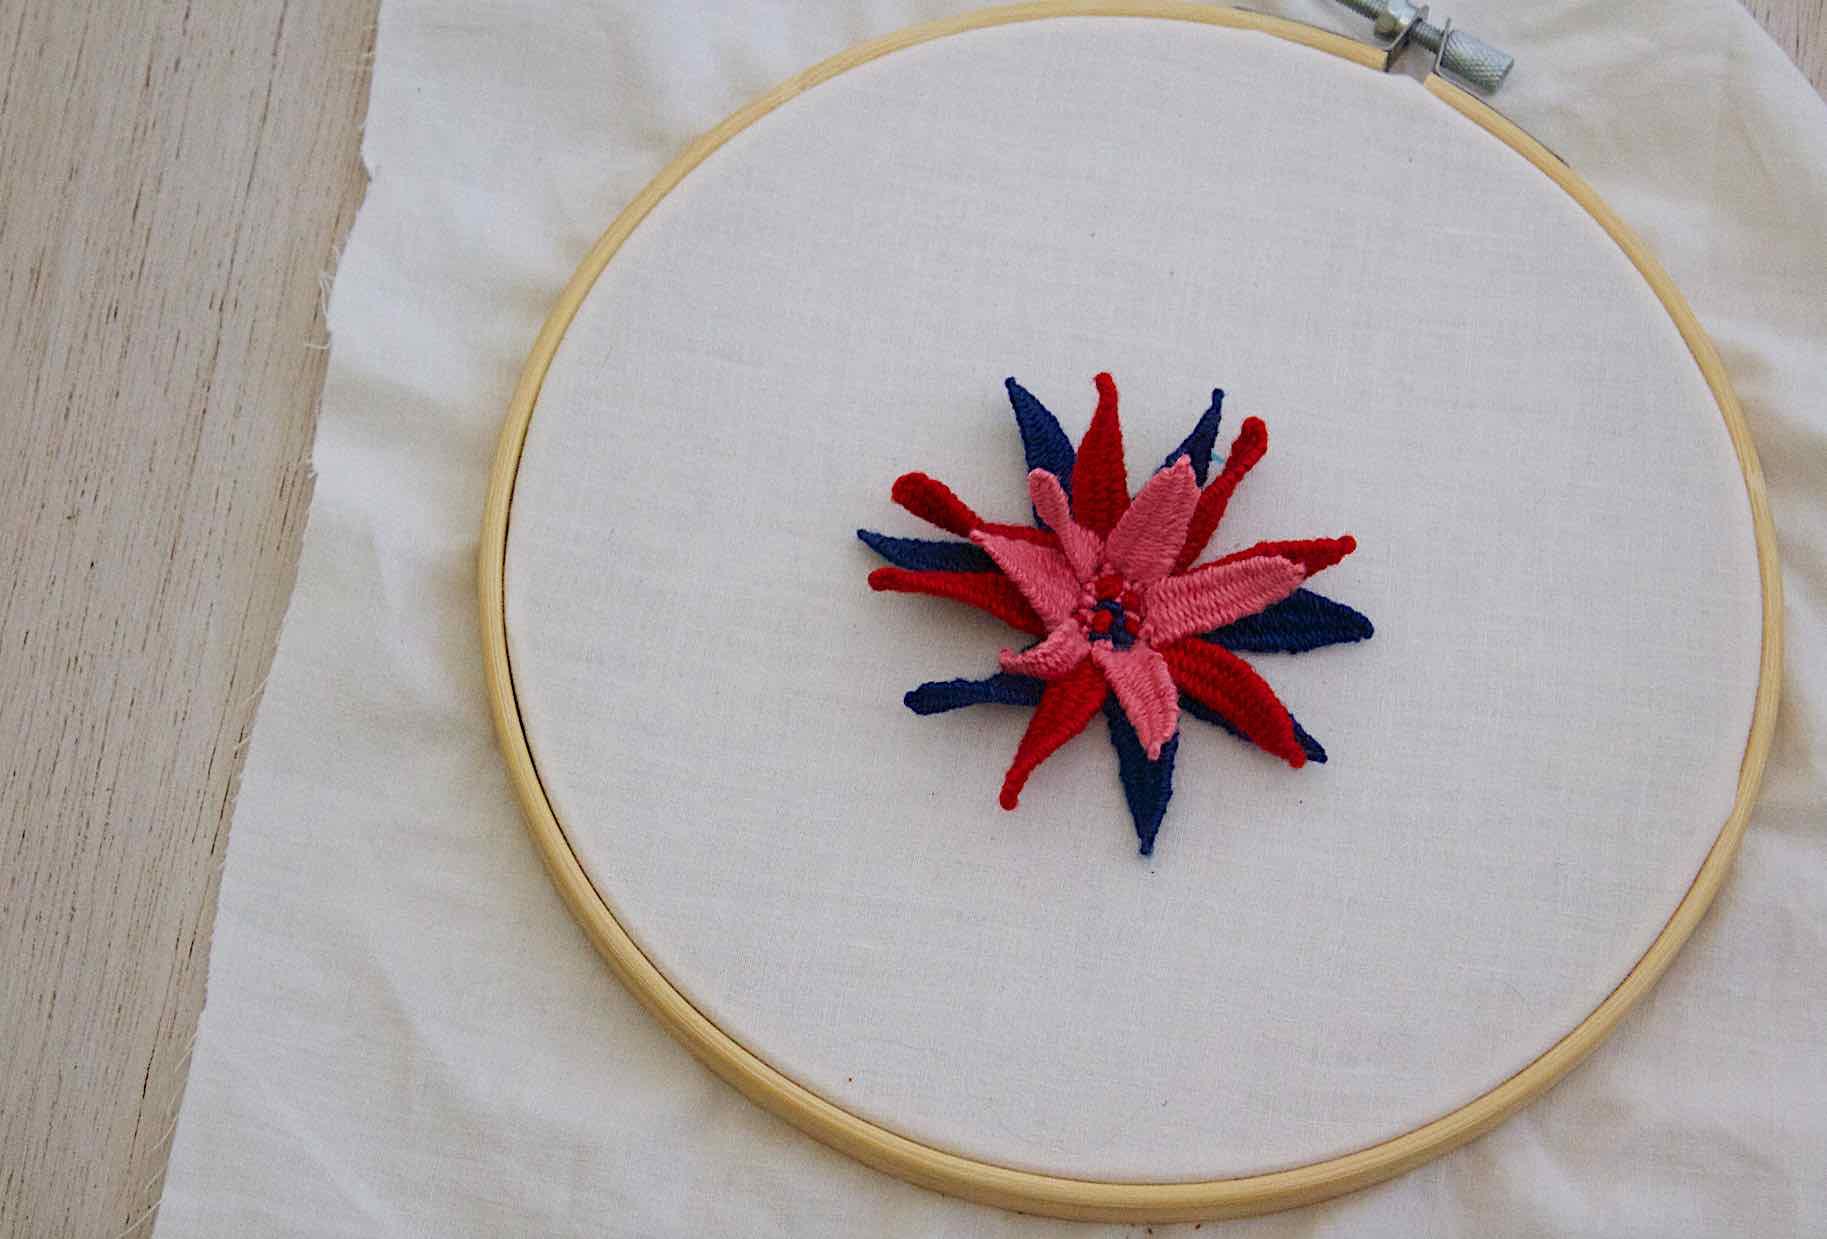 picot stitch visto dall'alto